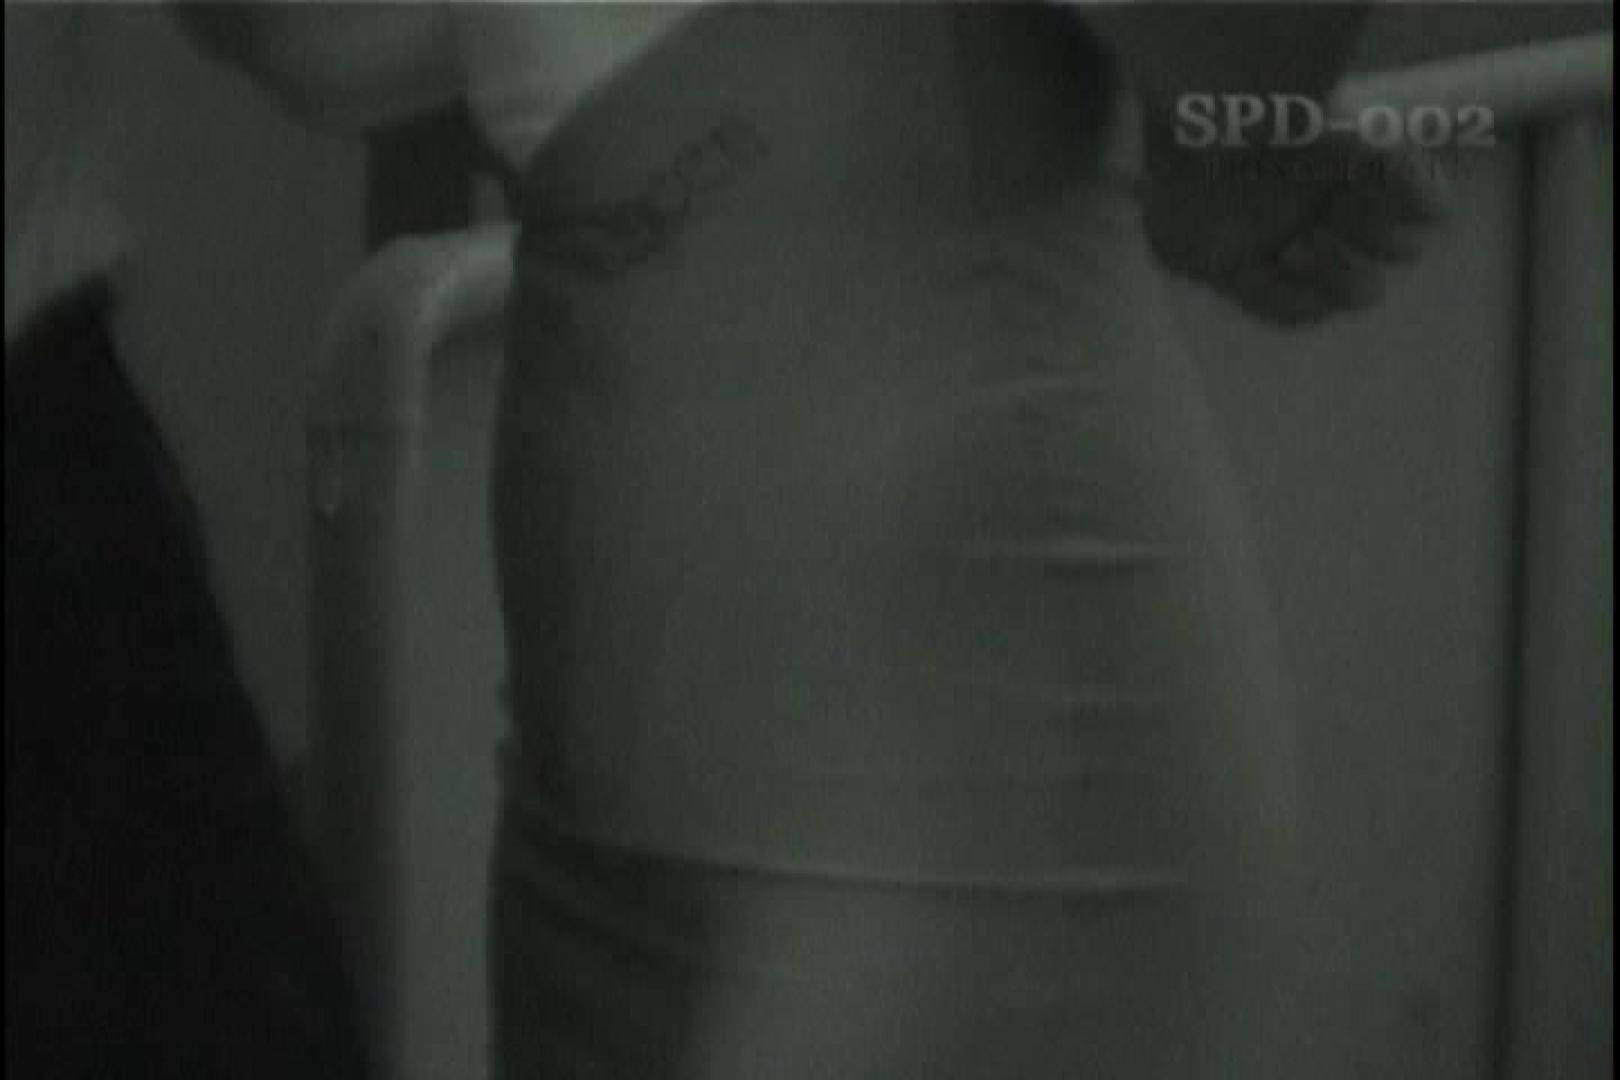 高画質版!SPD-002 レースクイーン 赤外線&盗撮 レースクイーン   名作  100pic 74